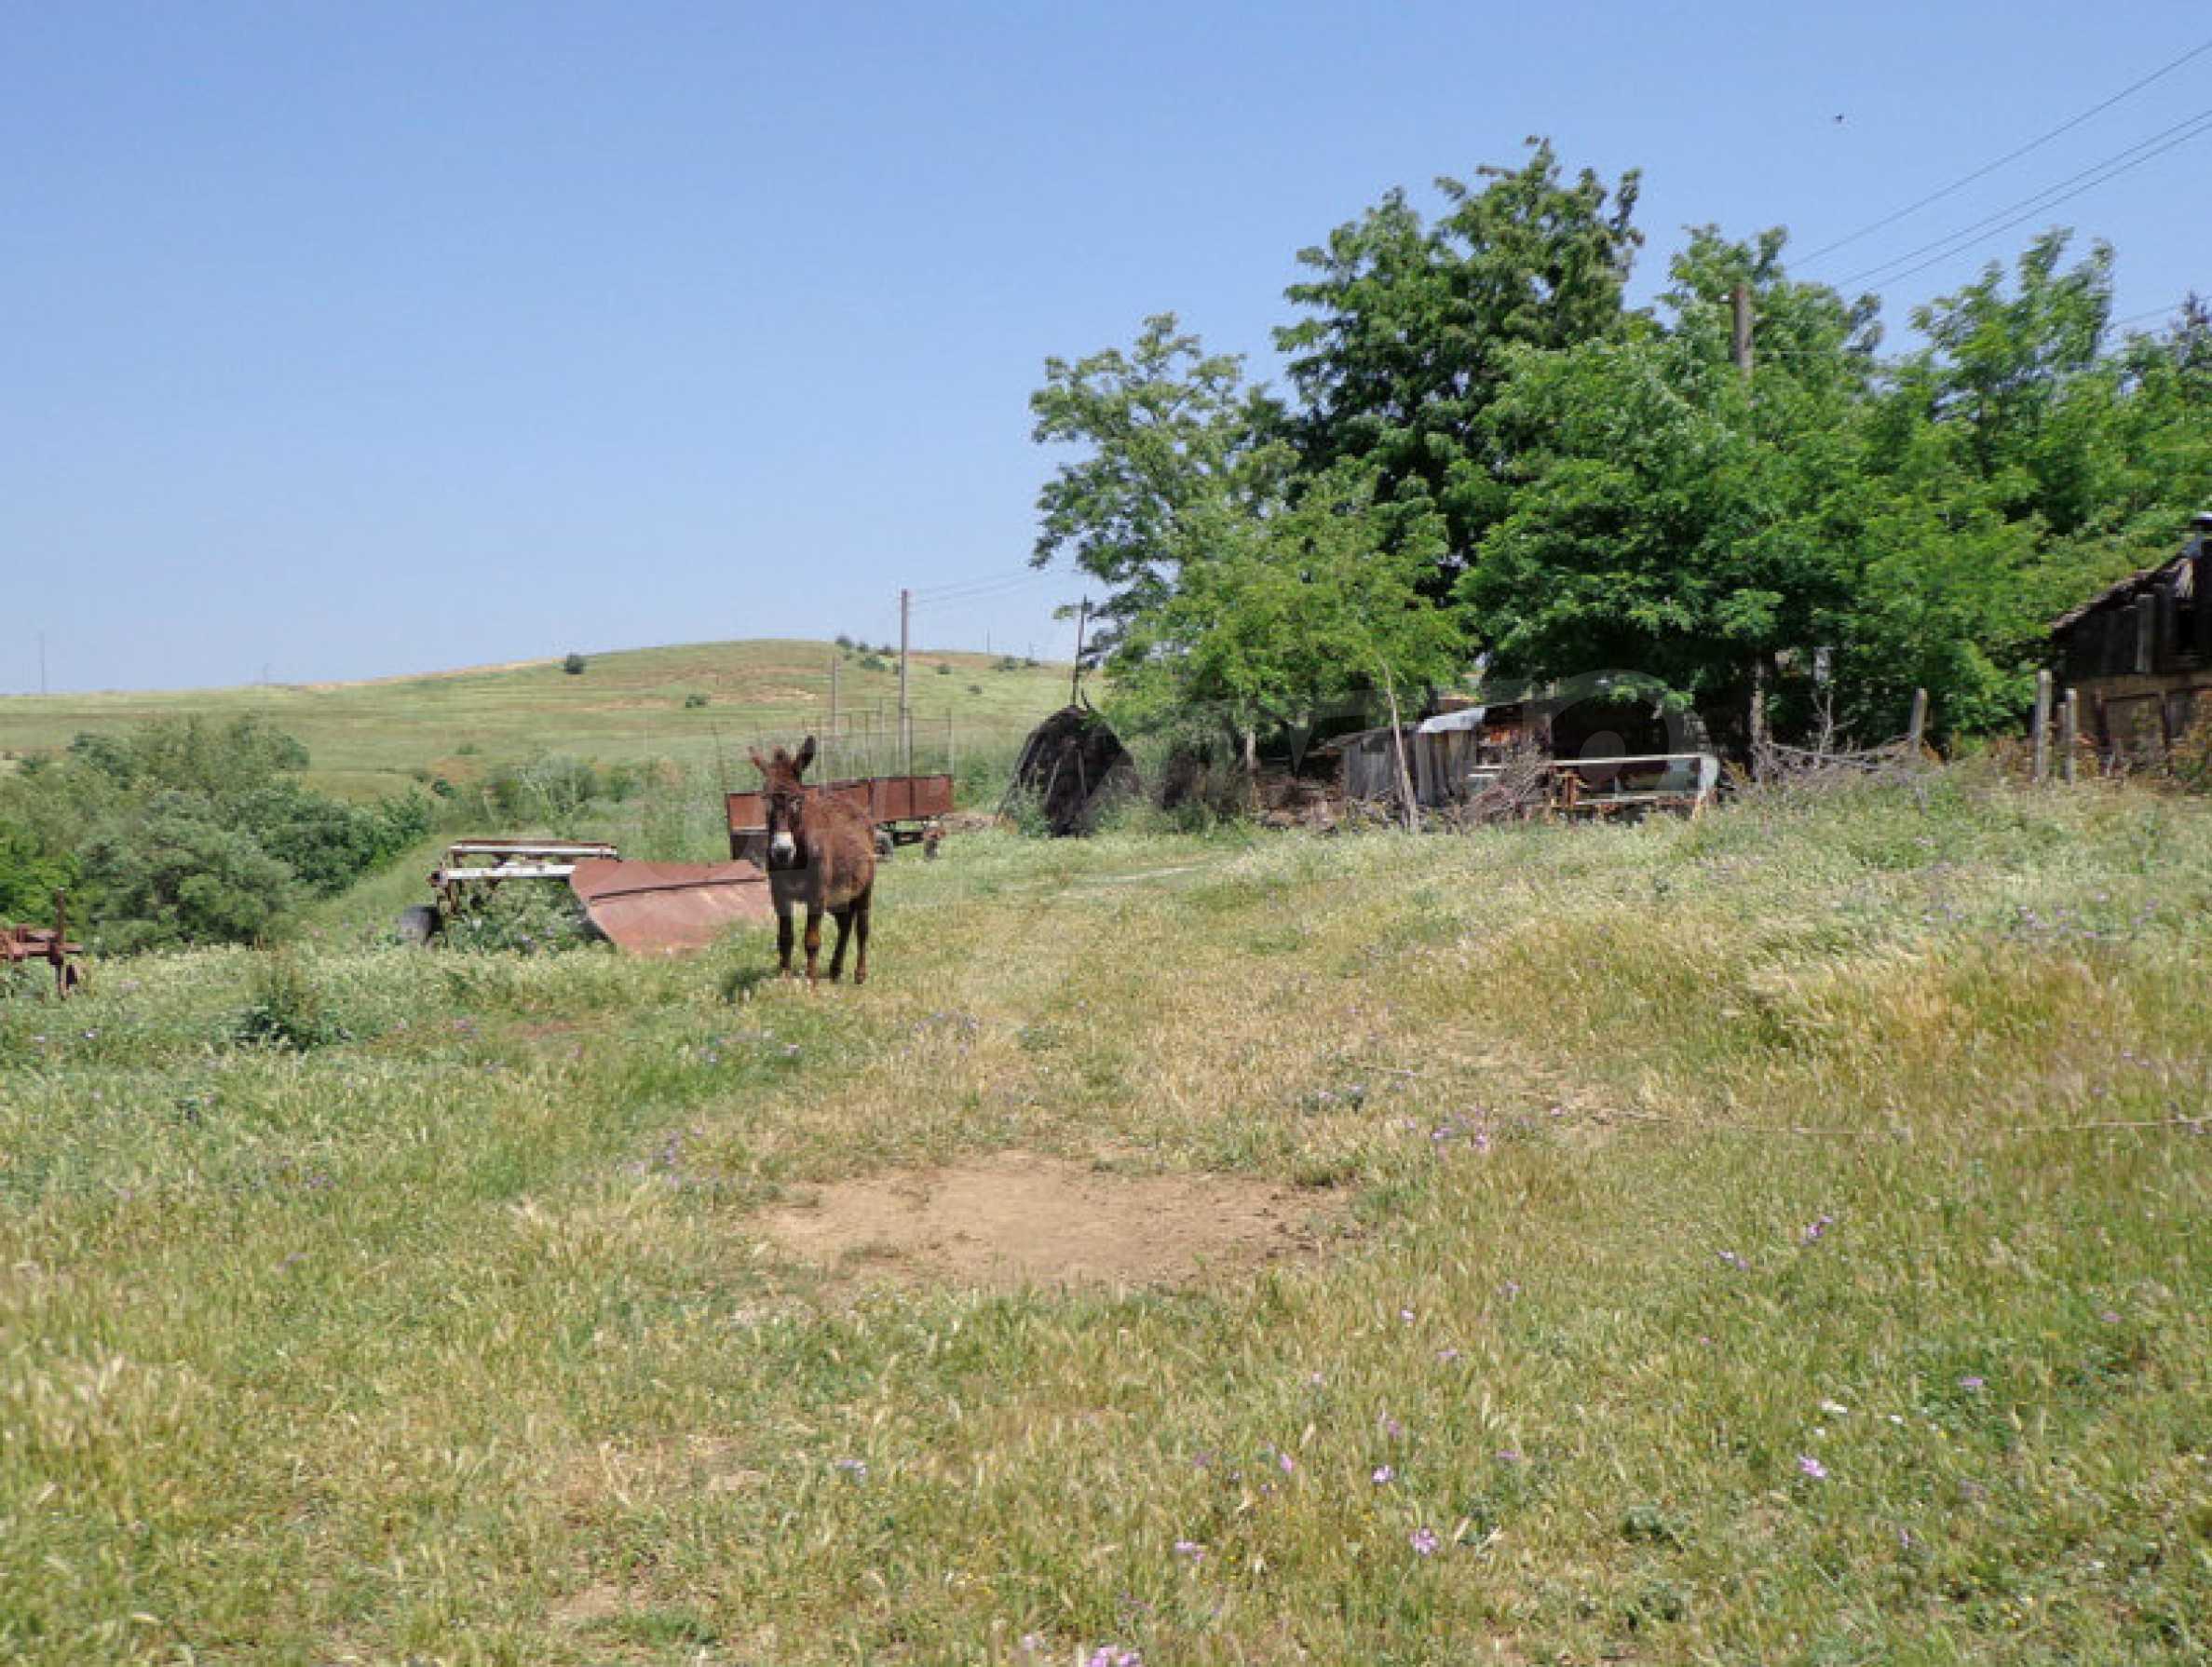 Grundstück zum Verkauf in einem malerischen Dorf 12 km von Sandanski entfernt 4